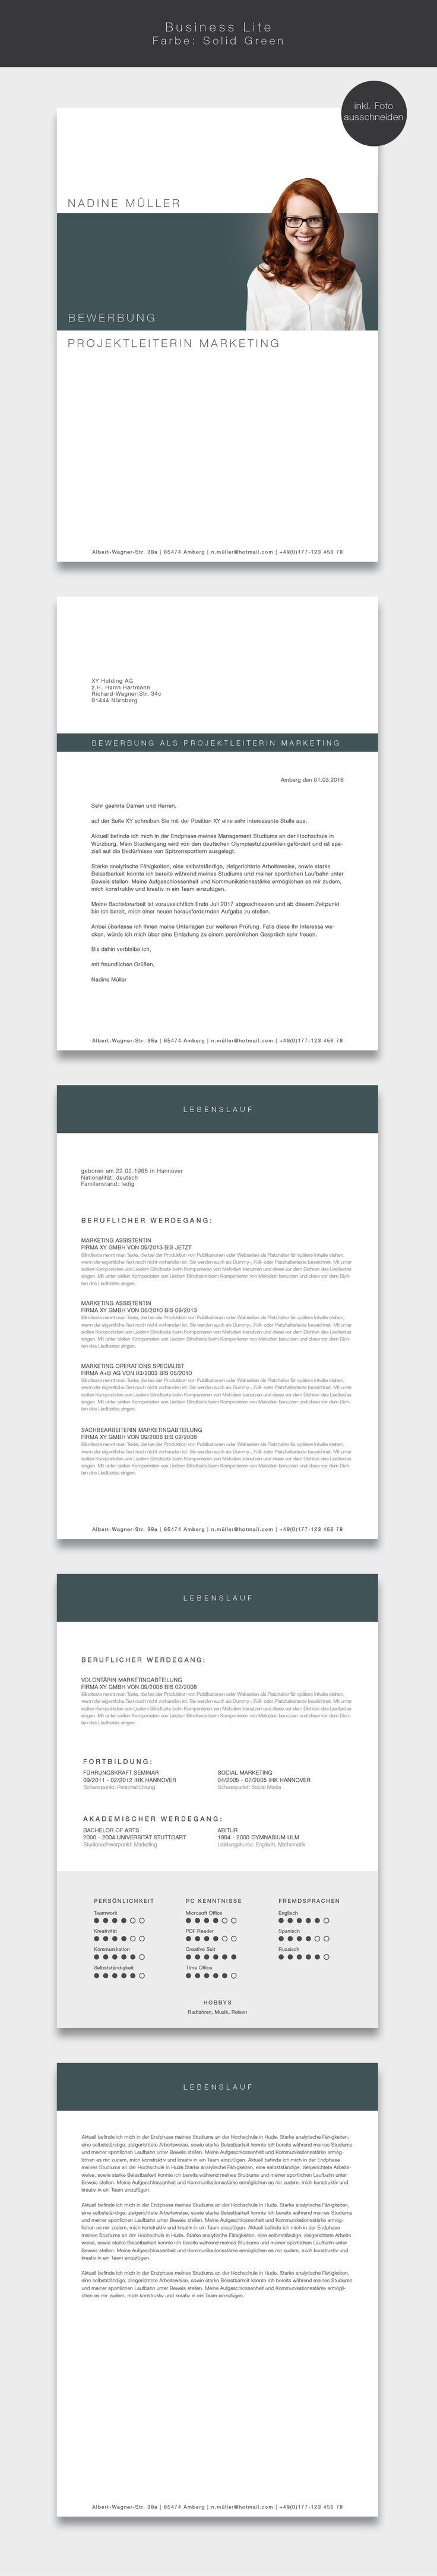 """Unsere Bewerbungsvorlage (cv template) """"Business Lite"""" in der Farbe Solid Green. Mit der stilsicheren Vorlage """"Business Lite"""" heben sie sich von allen anderen ab und zeigen, dass kein Weg an Ihnen vorbeiführt. Sie erhalten von uns ein Deckblatt, Anschreiben, Lebenslauf, Motivationsschreiben und eine Abschlussseite. Die Datei bekommen Sie als fertige Pages- oder Word-Datei inklusive Platzhaltertext mit Hinweisen. #grafikdesign"""